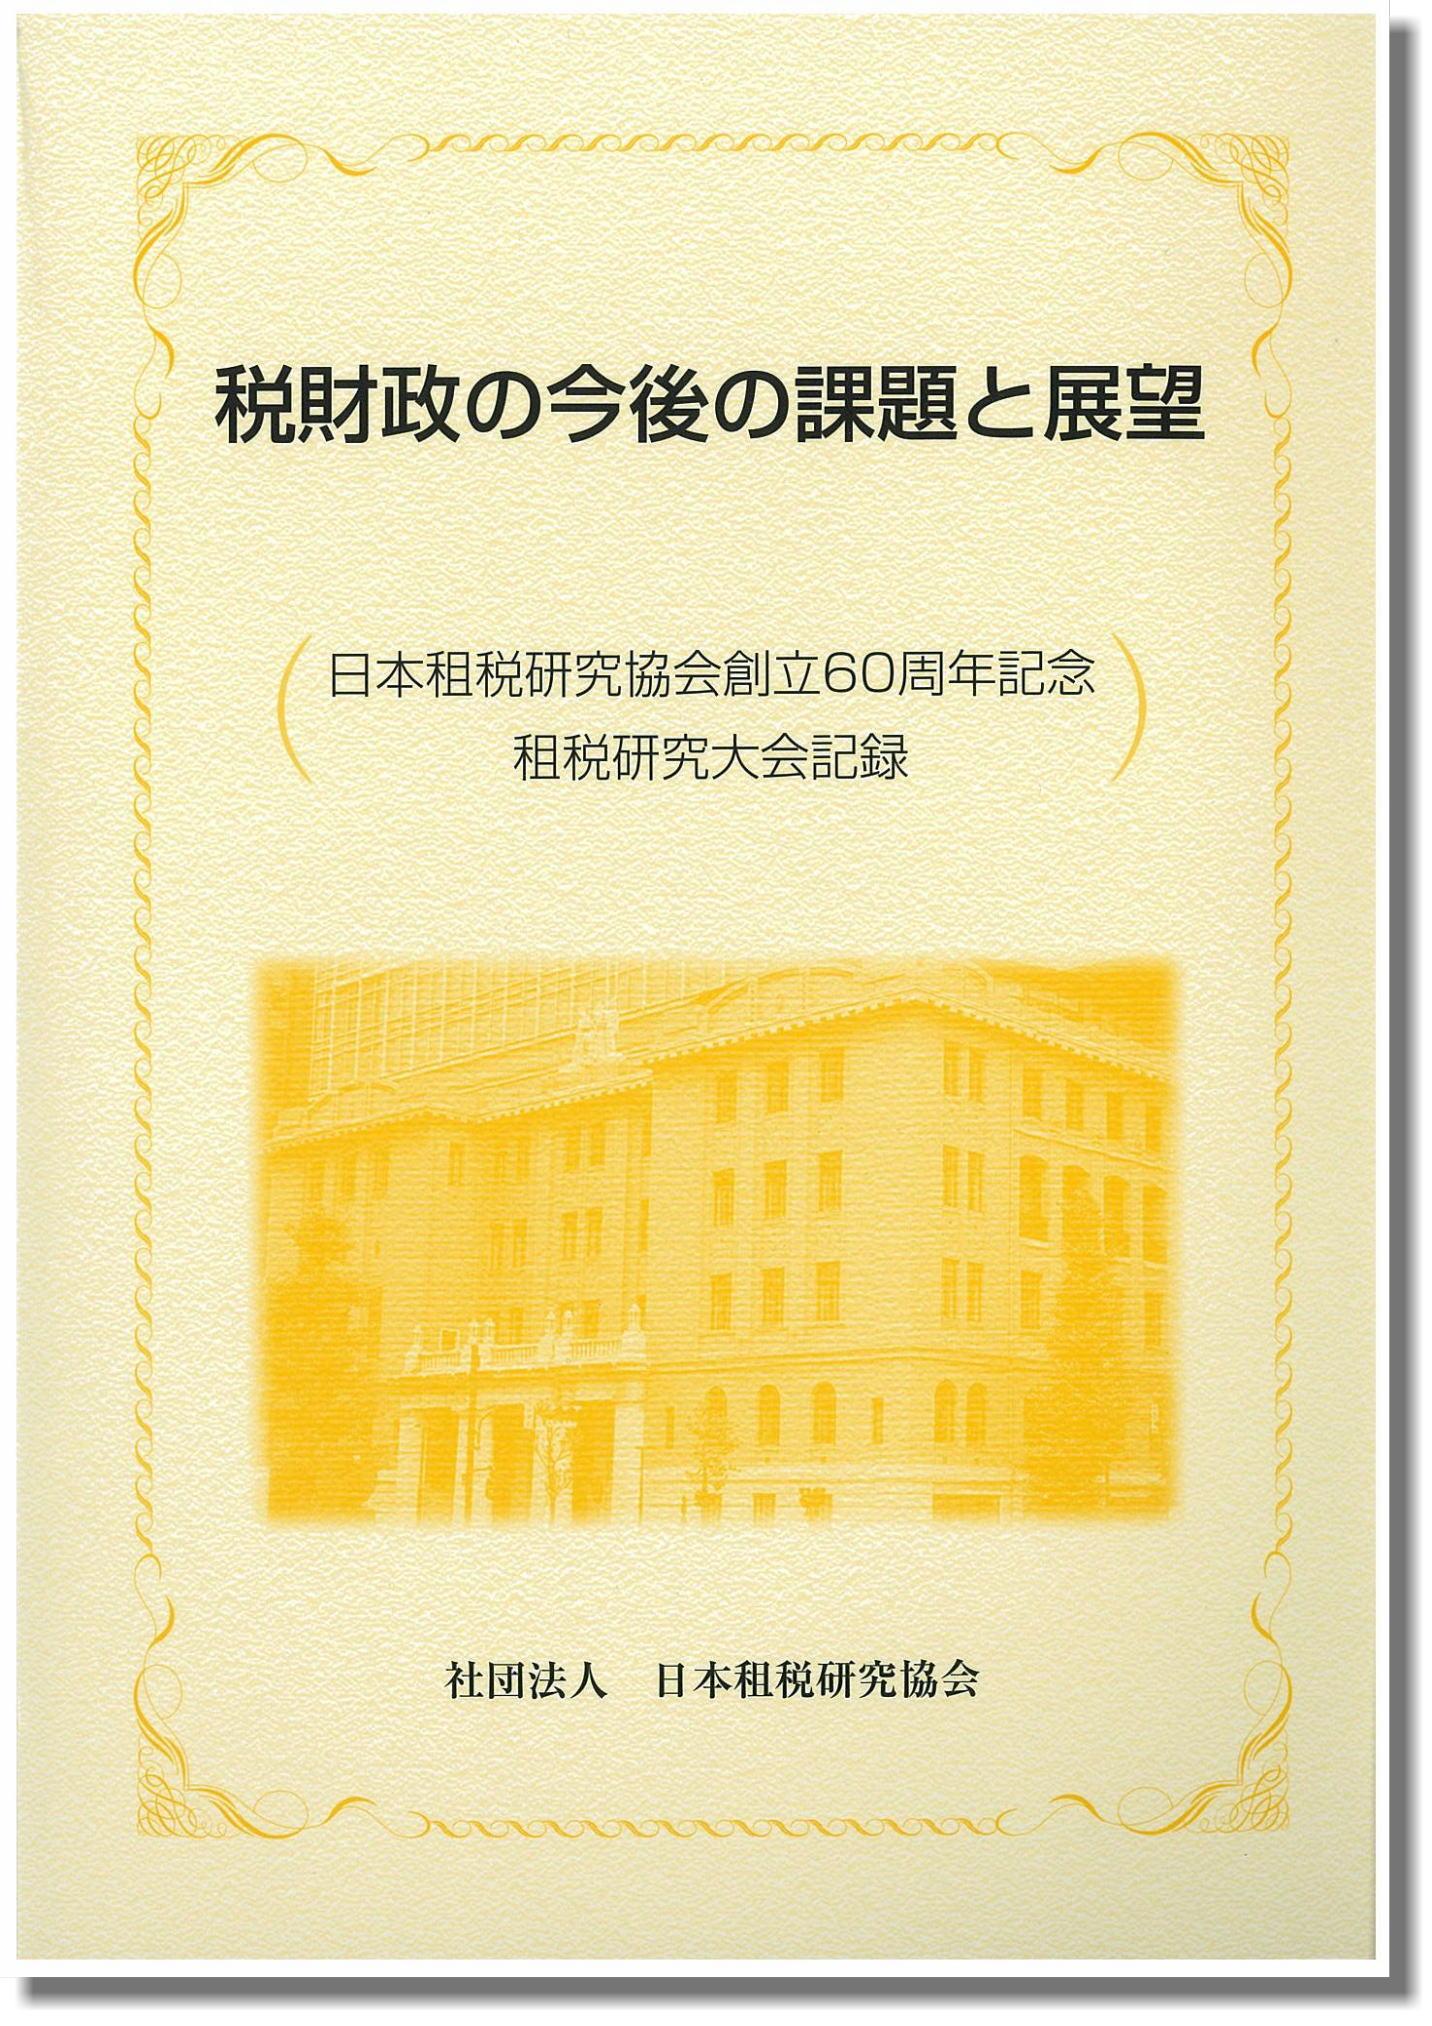 税財政の今後の課題と展望 日本租税研究協会創立60周年記念租税研究大会記録